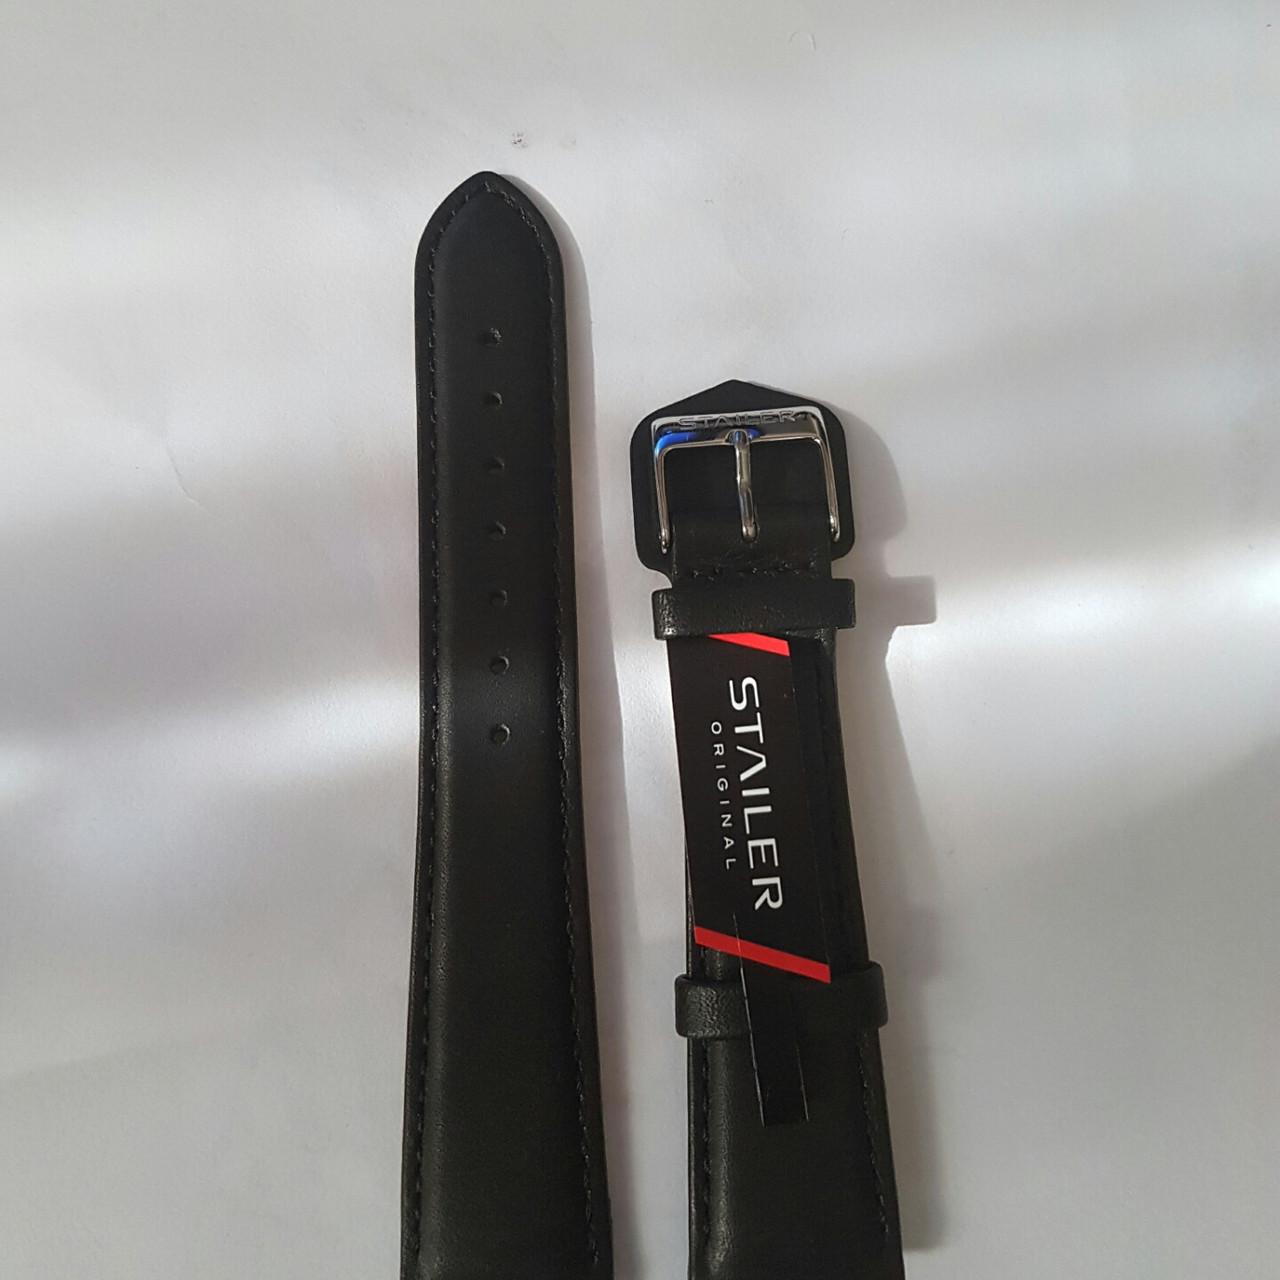 Кожаный ремень Stailer- черный, гладкий ремень  с заужением на два размера